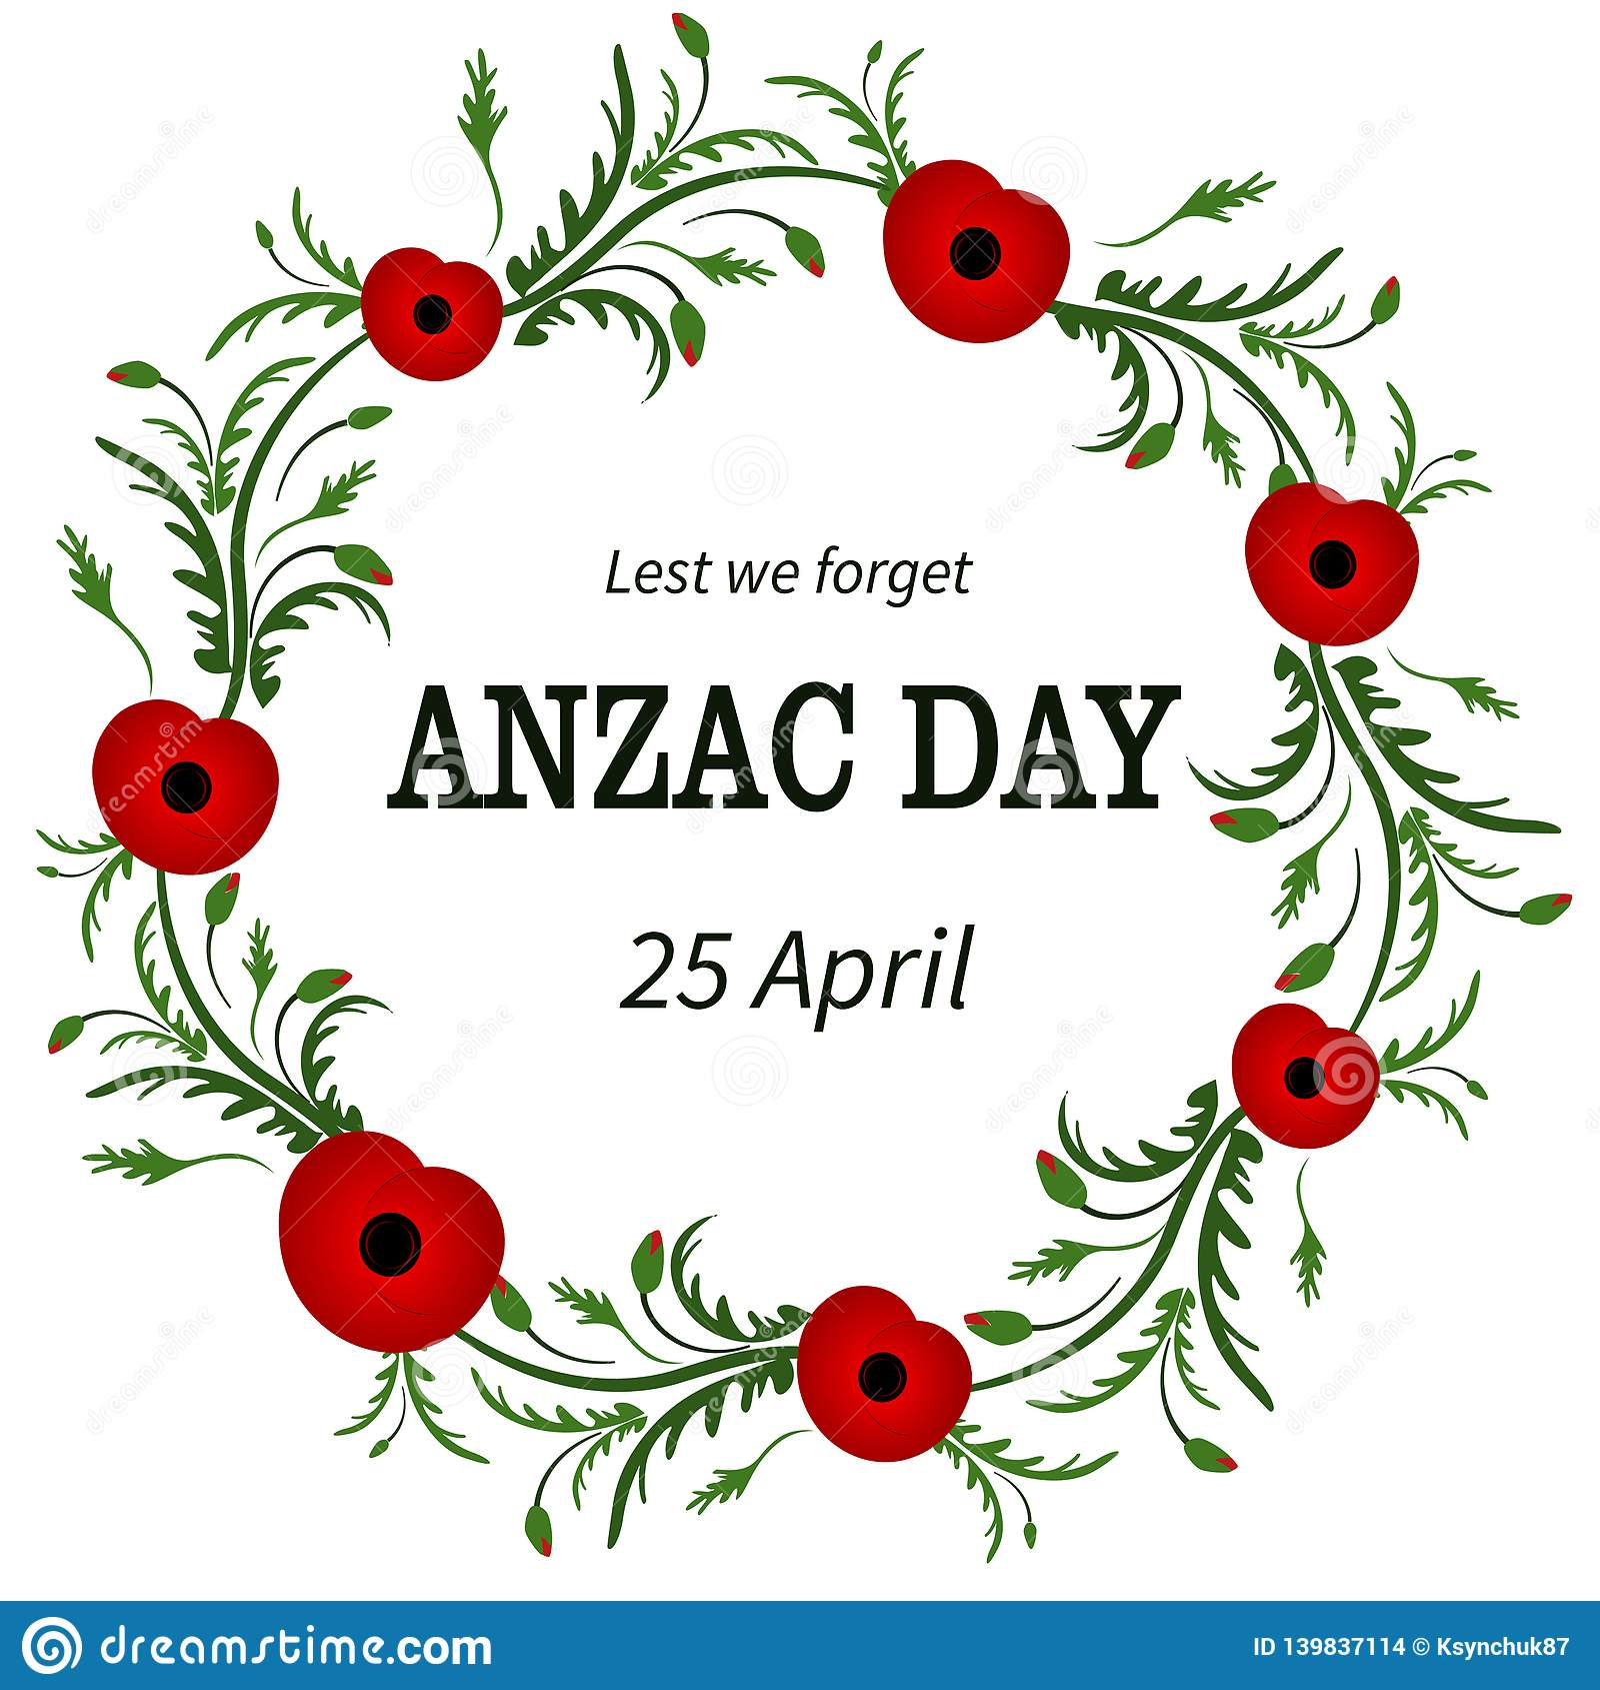 Flor roja de la amapola Anzac Day, marco floral Poppy Wreath Segunda Guerra Mundial, primera guerra mundial Día de la conmemoraci